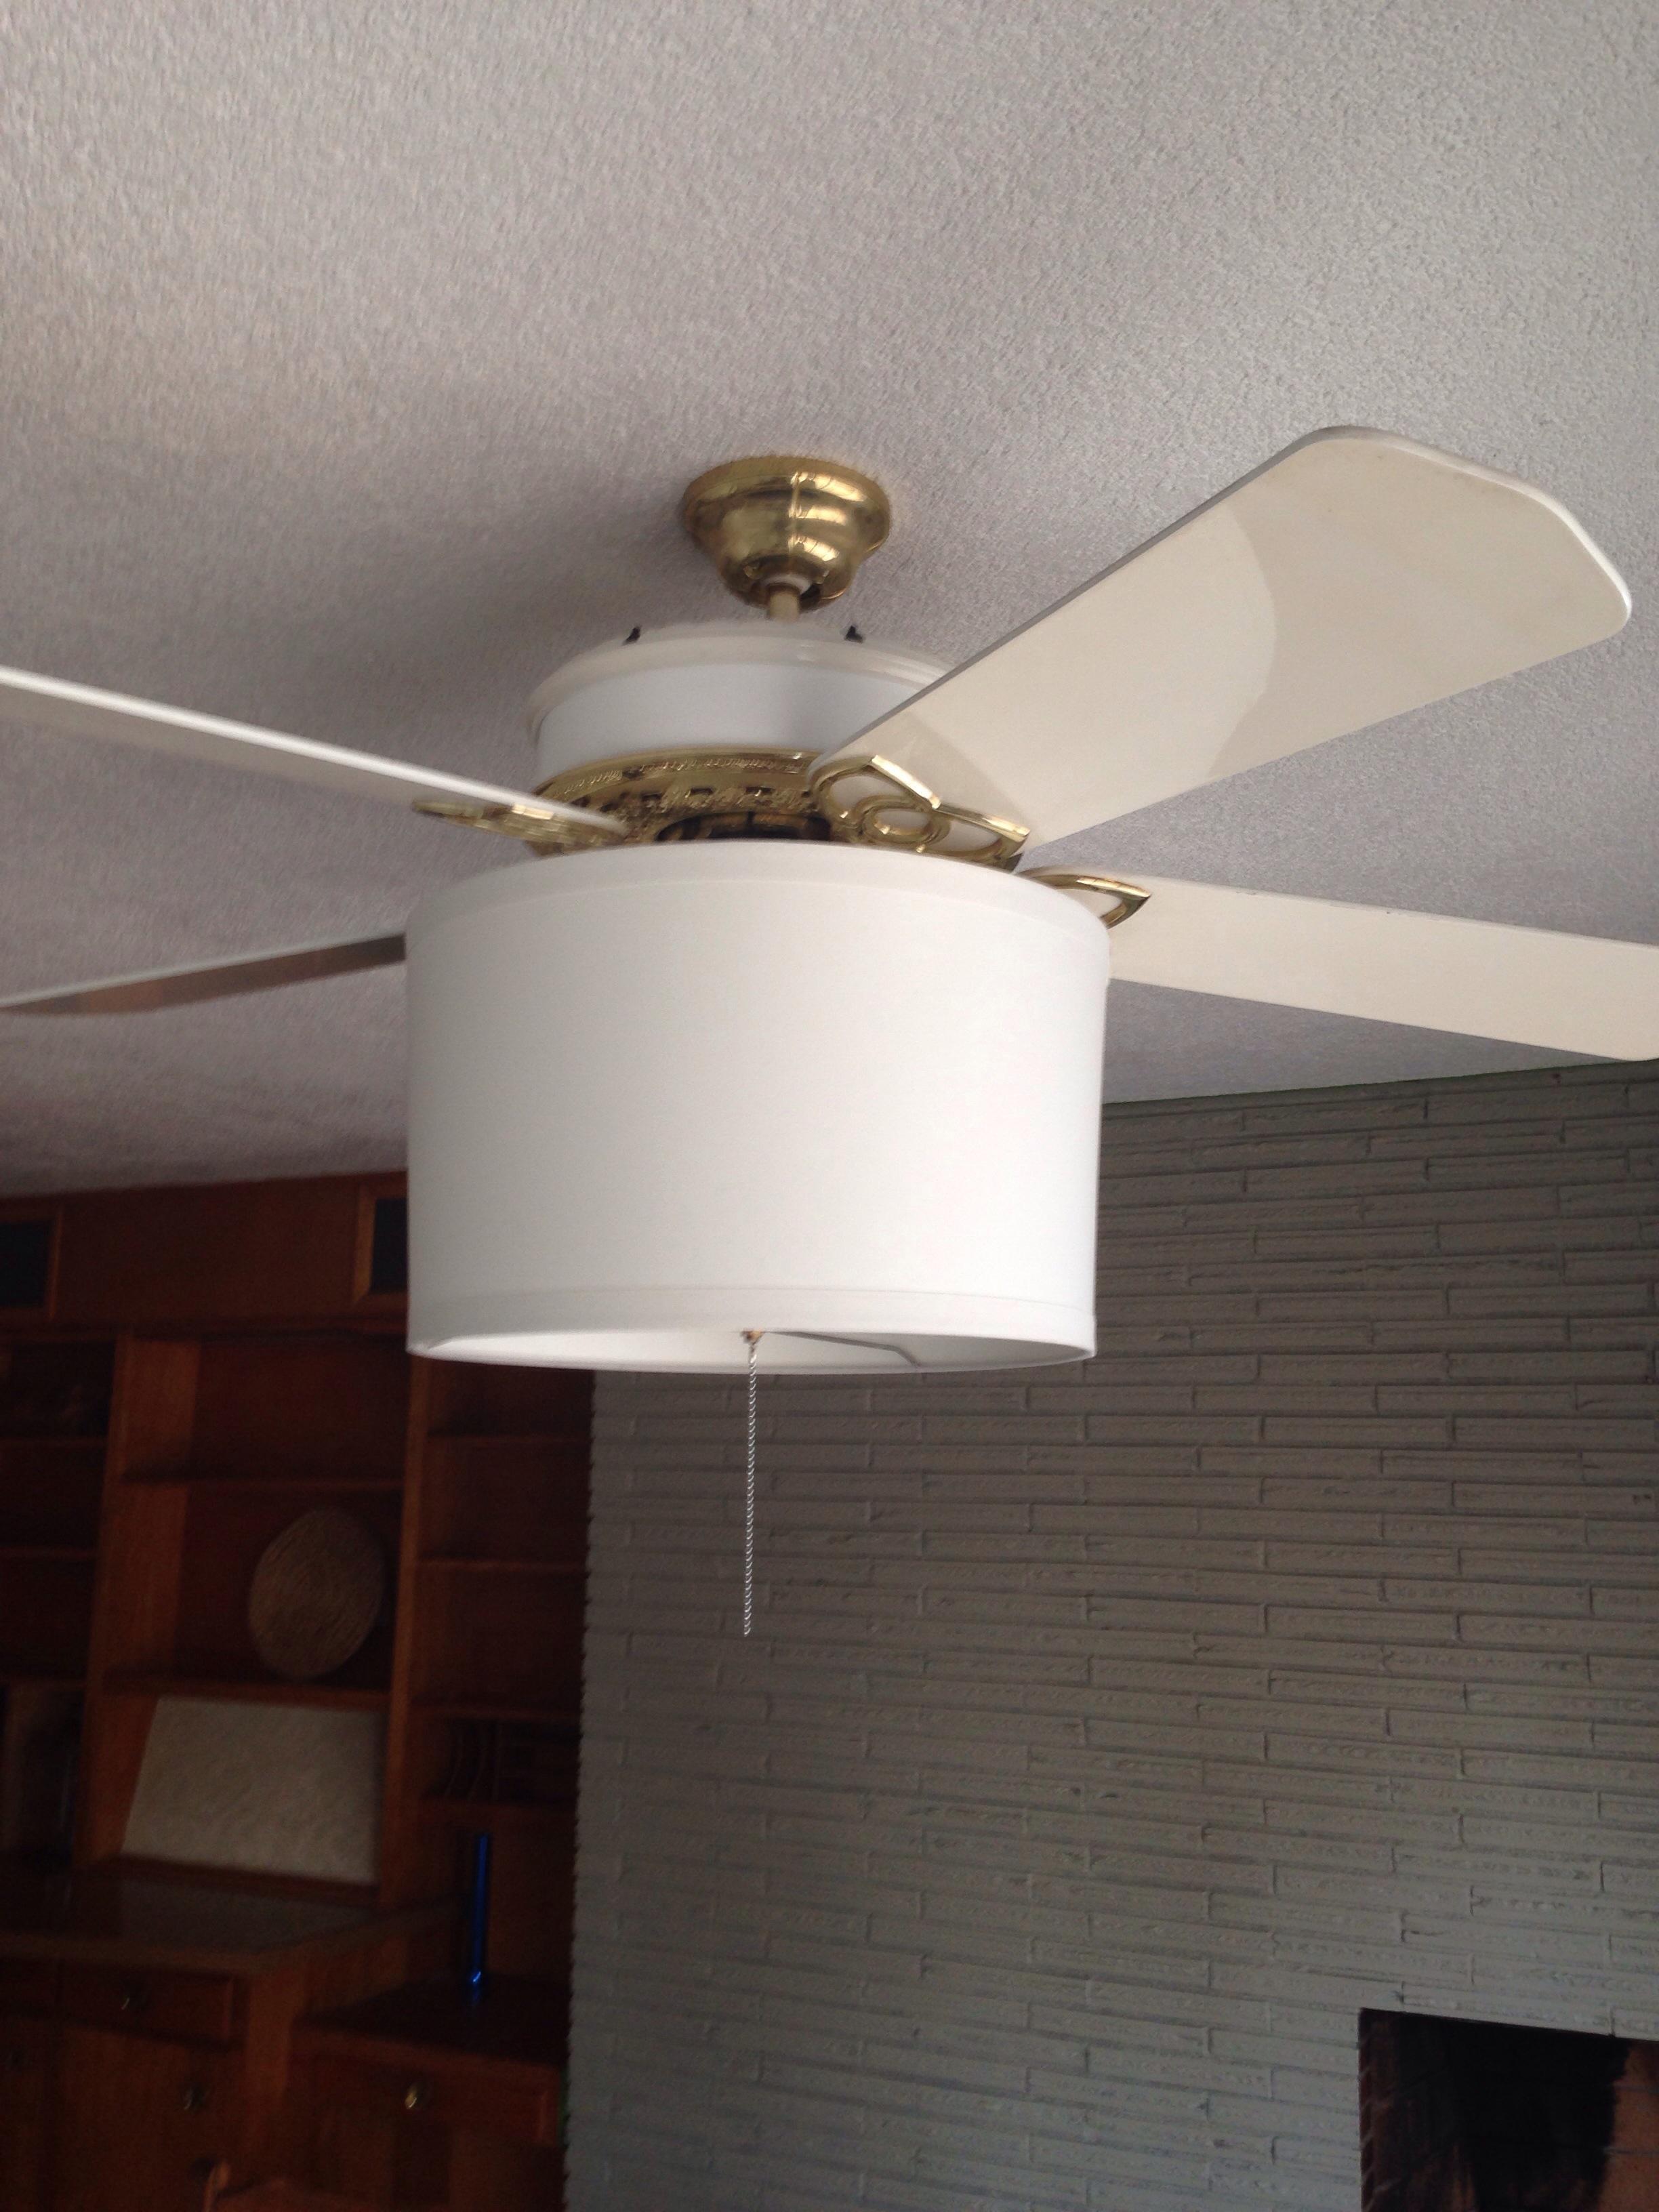 Ceiling Fan Re deux